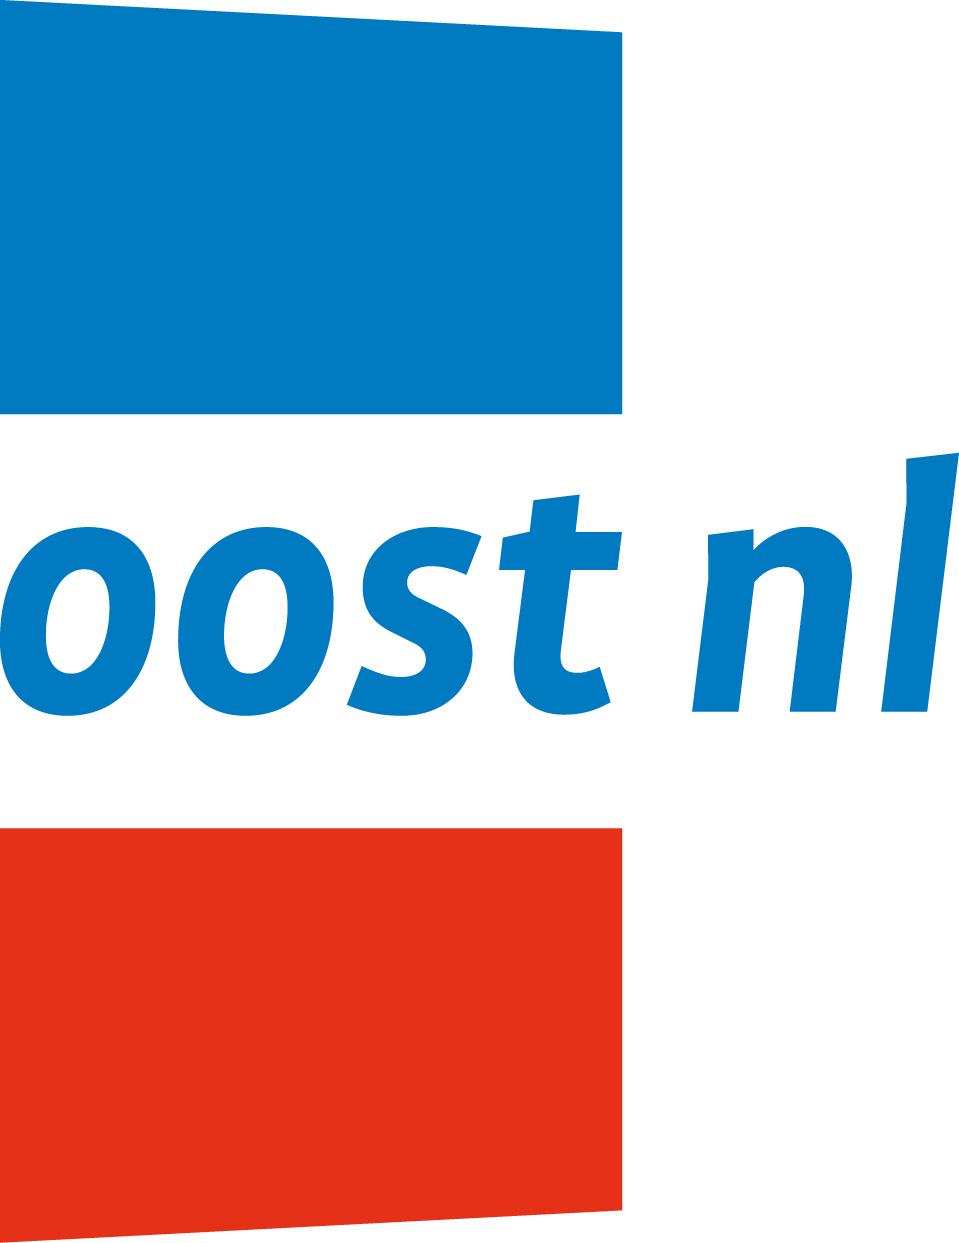 OostNL logo